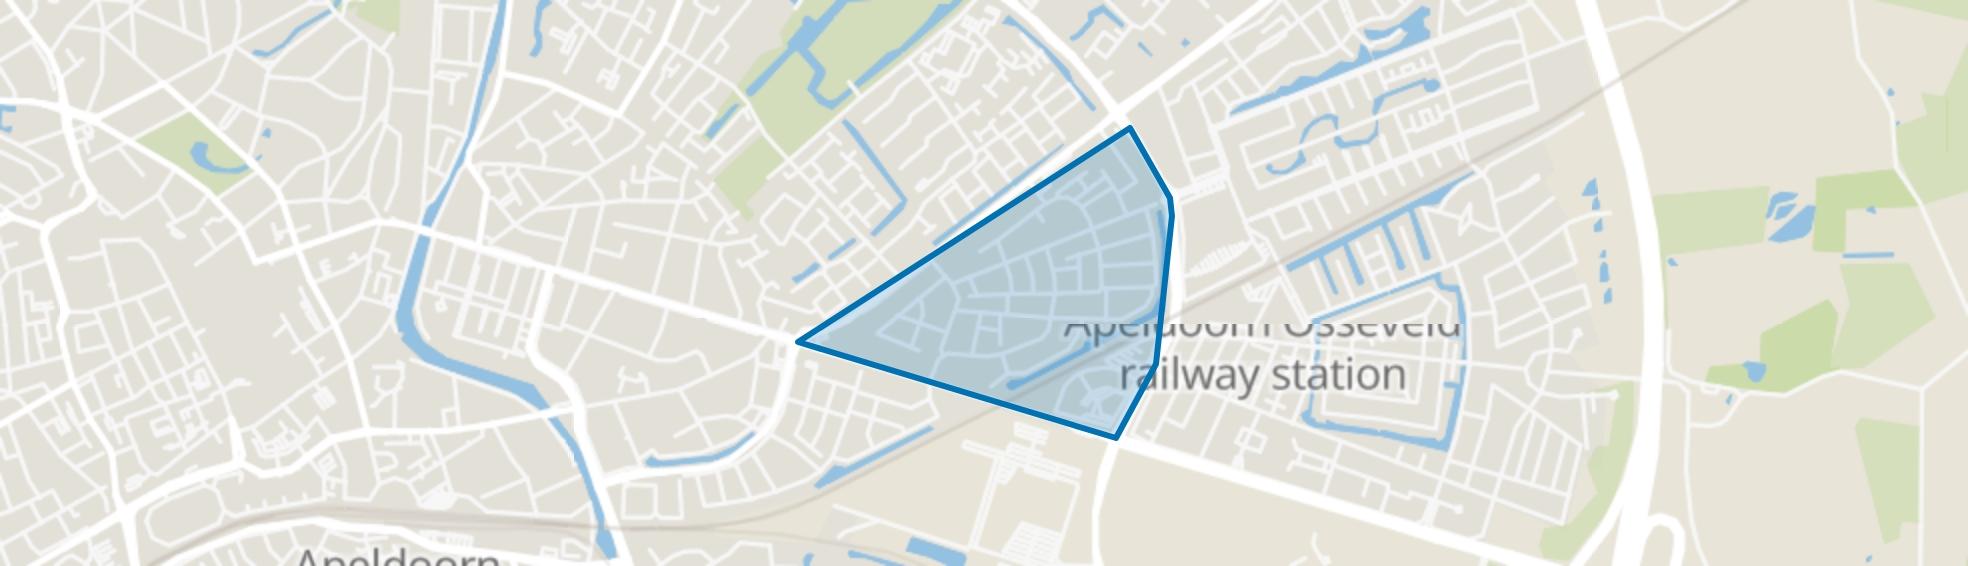 Osseveld-West, Apeldoorn map